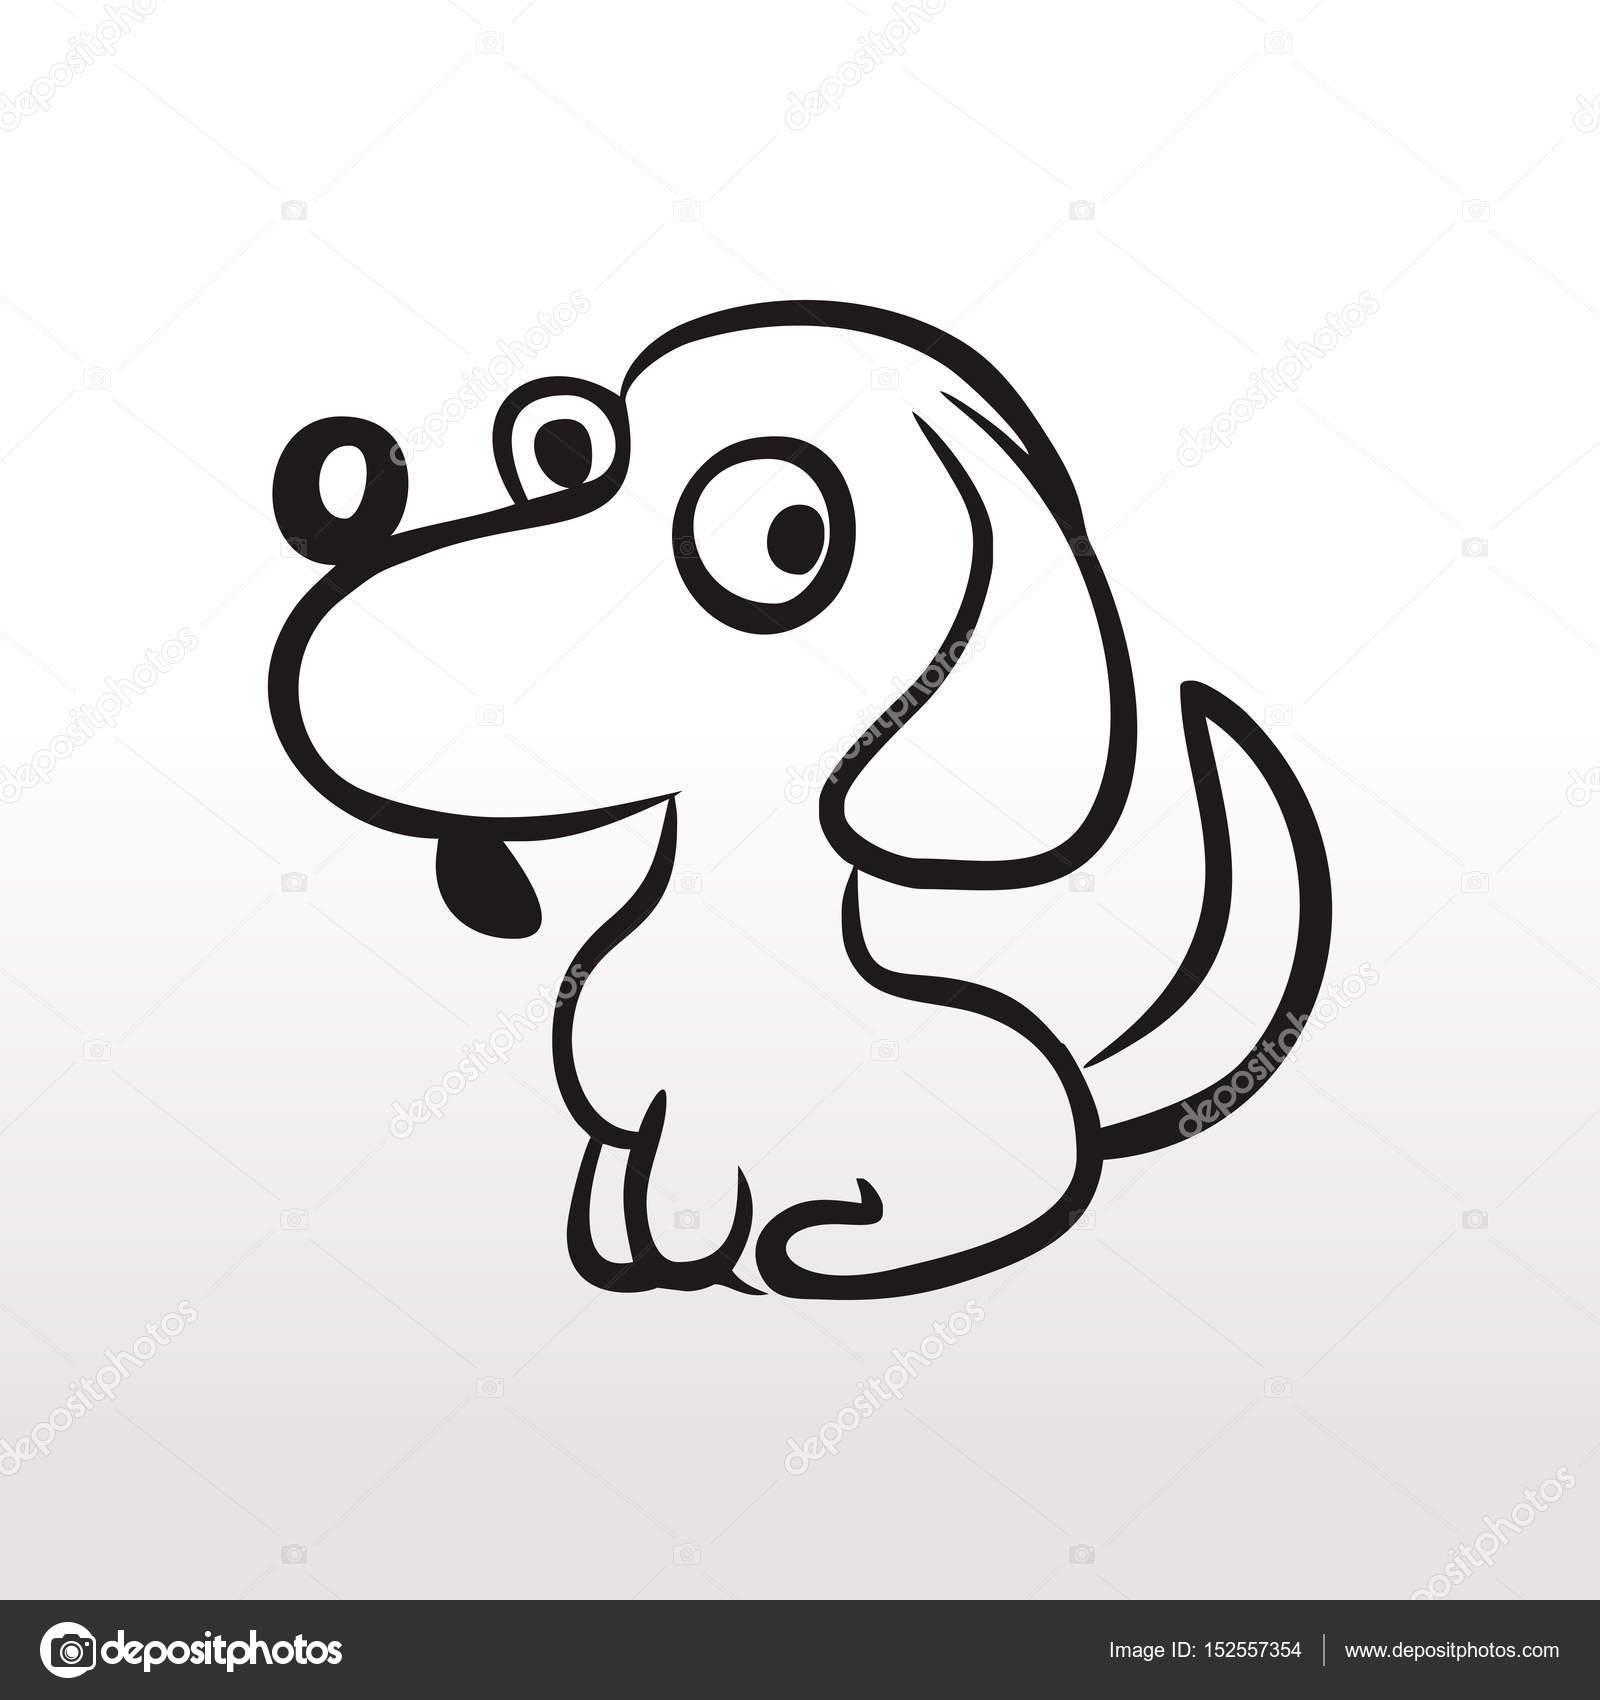 Kleurplaten Hond En Puppy.Hond Kind Kleurplaten Overzicht Opstellen Van Puppy